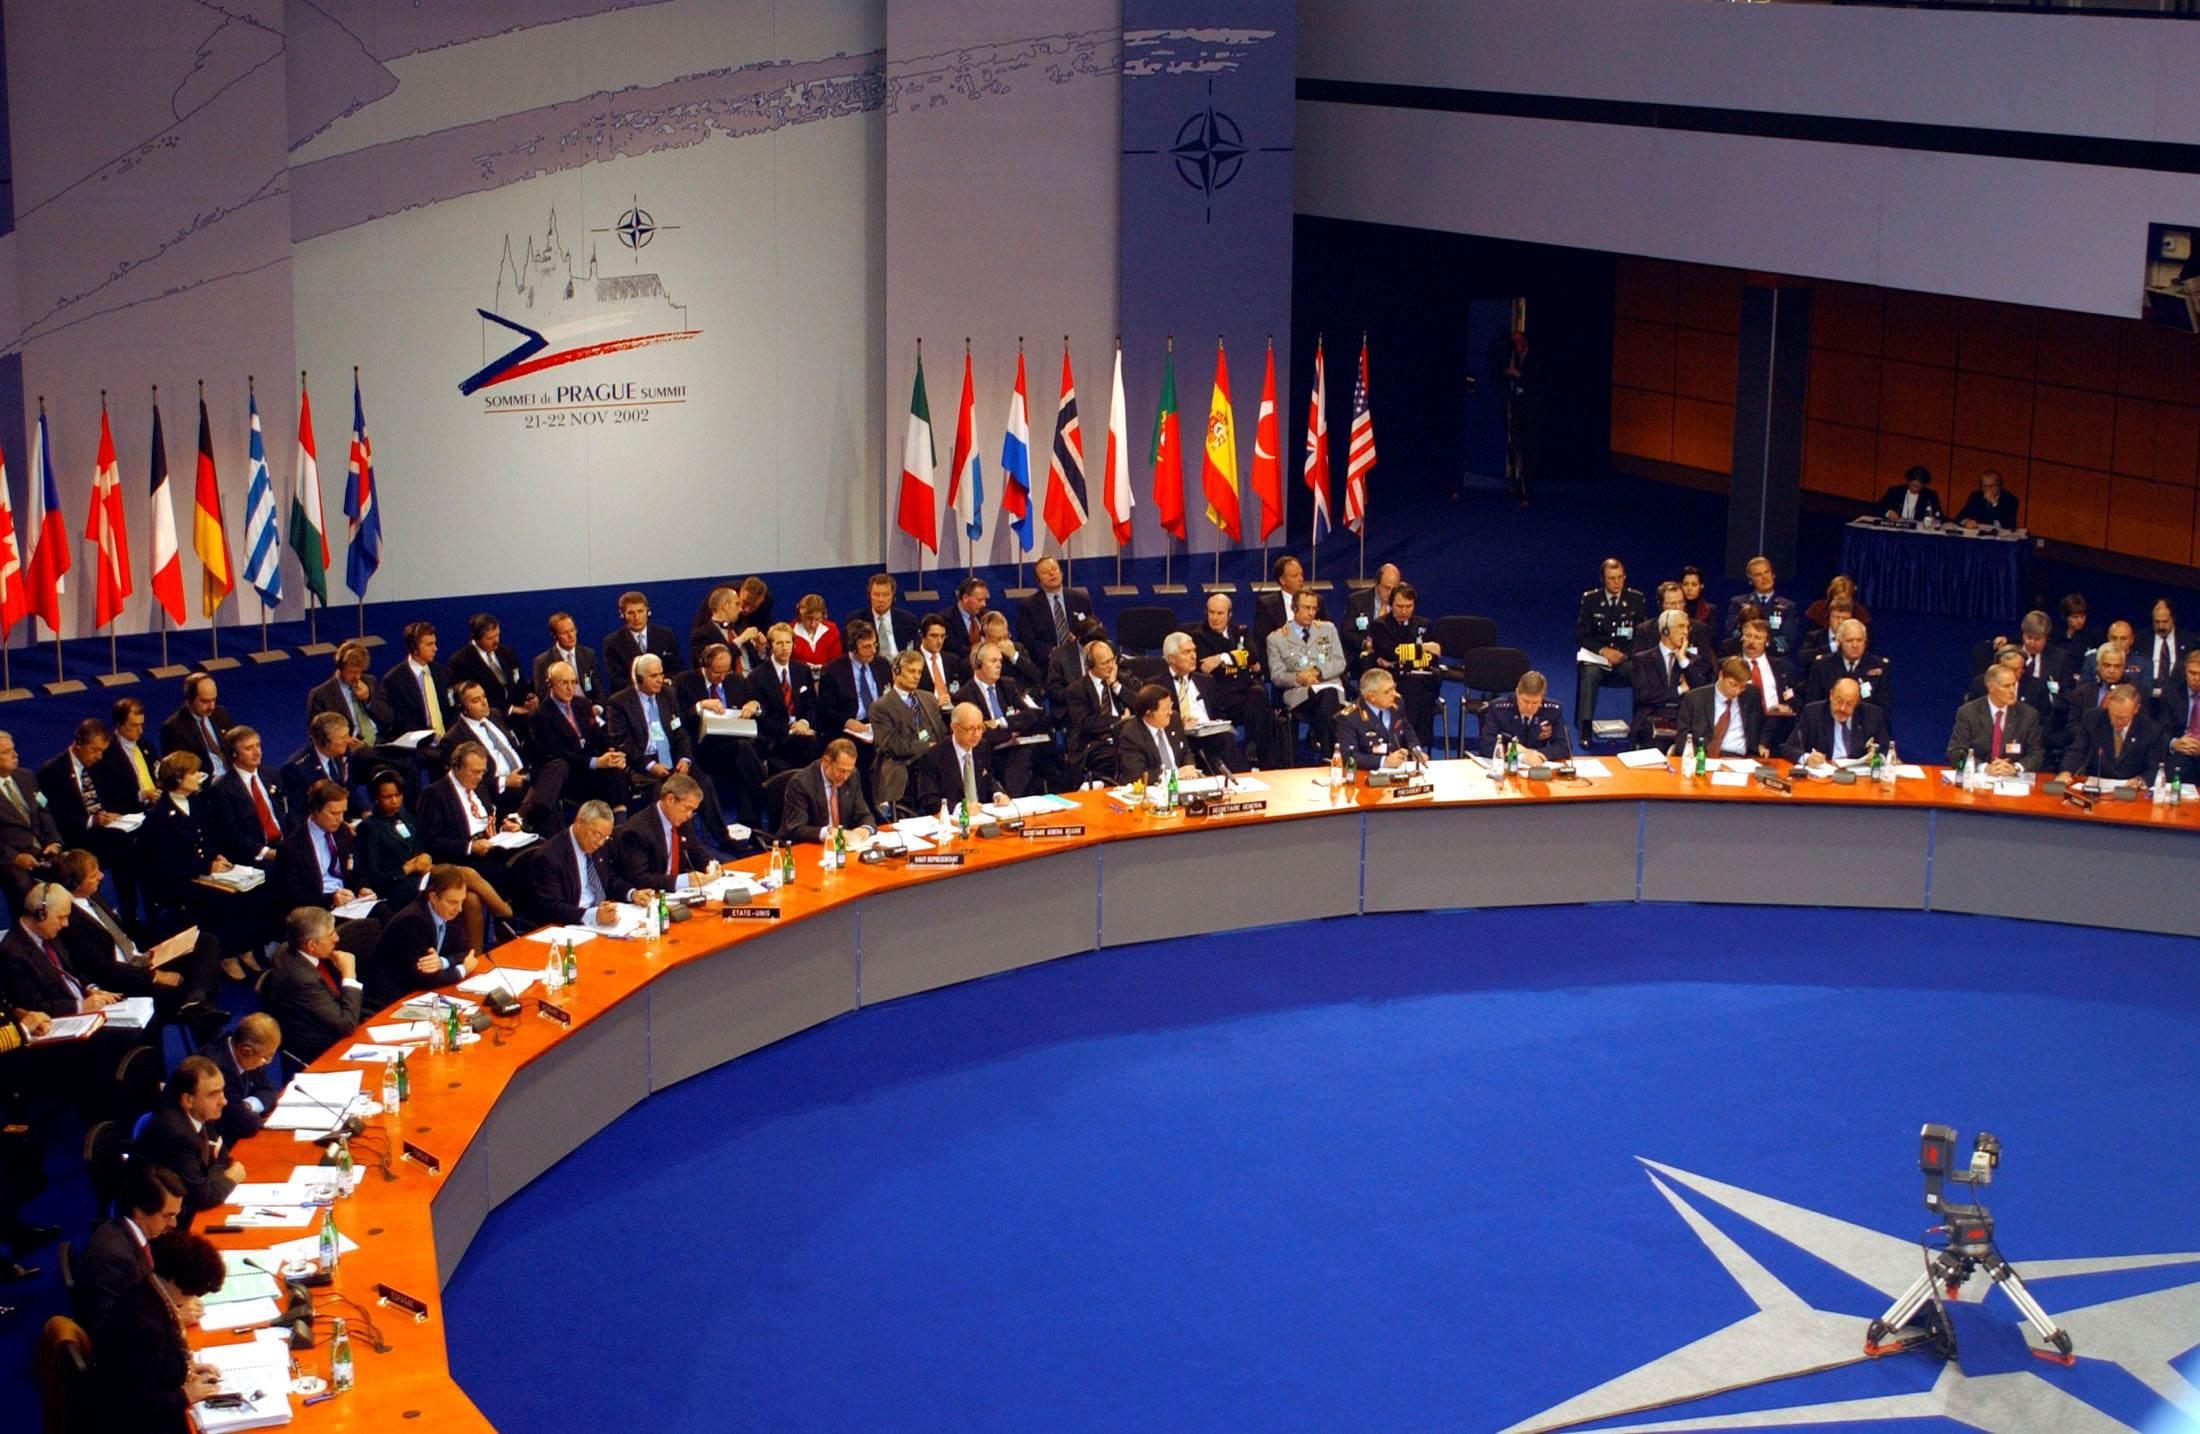 الأمين العام للناتو: بينما نواجه عالماً لا يمكن التنبؤ به، نكون أقوى وأكثر أماناً عندما نقف معاً